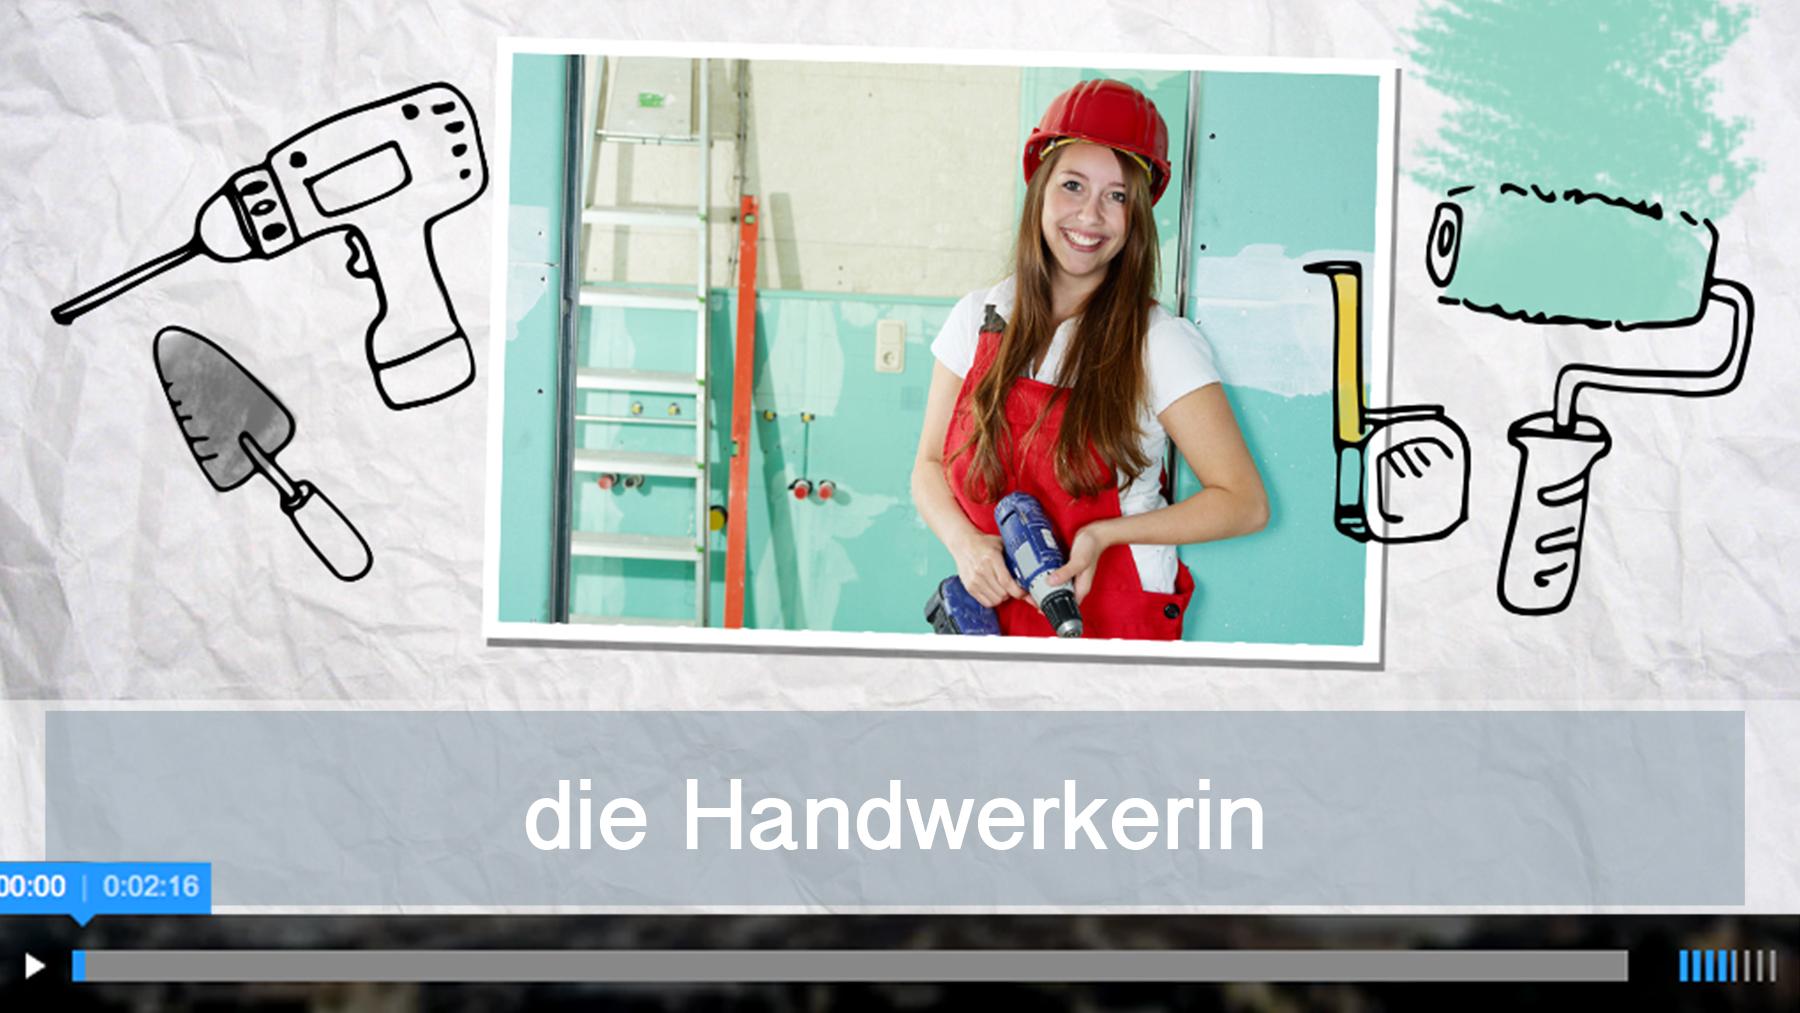 dw-handwerkerin